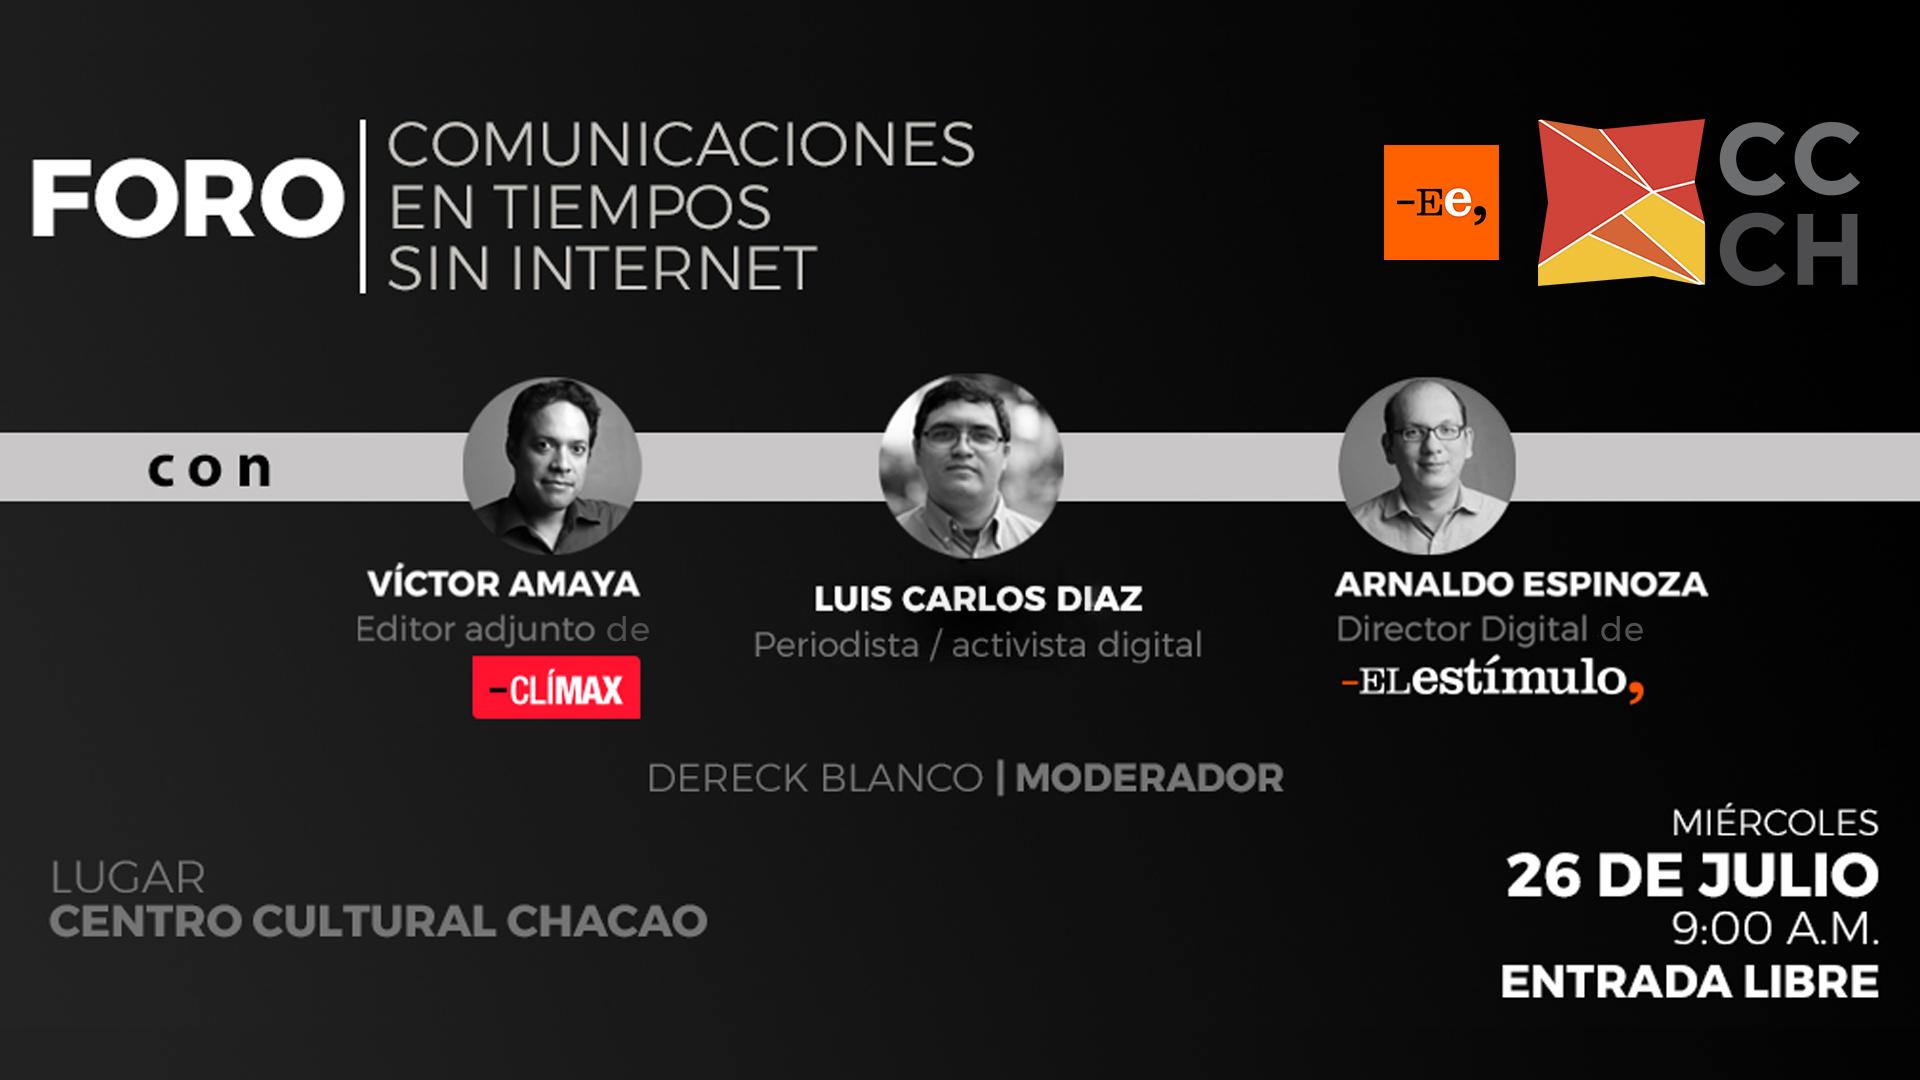 """Reconocidos periodistas darán claves en el foro """"Comunicaciones en tiempos sin Internet"""""""